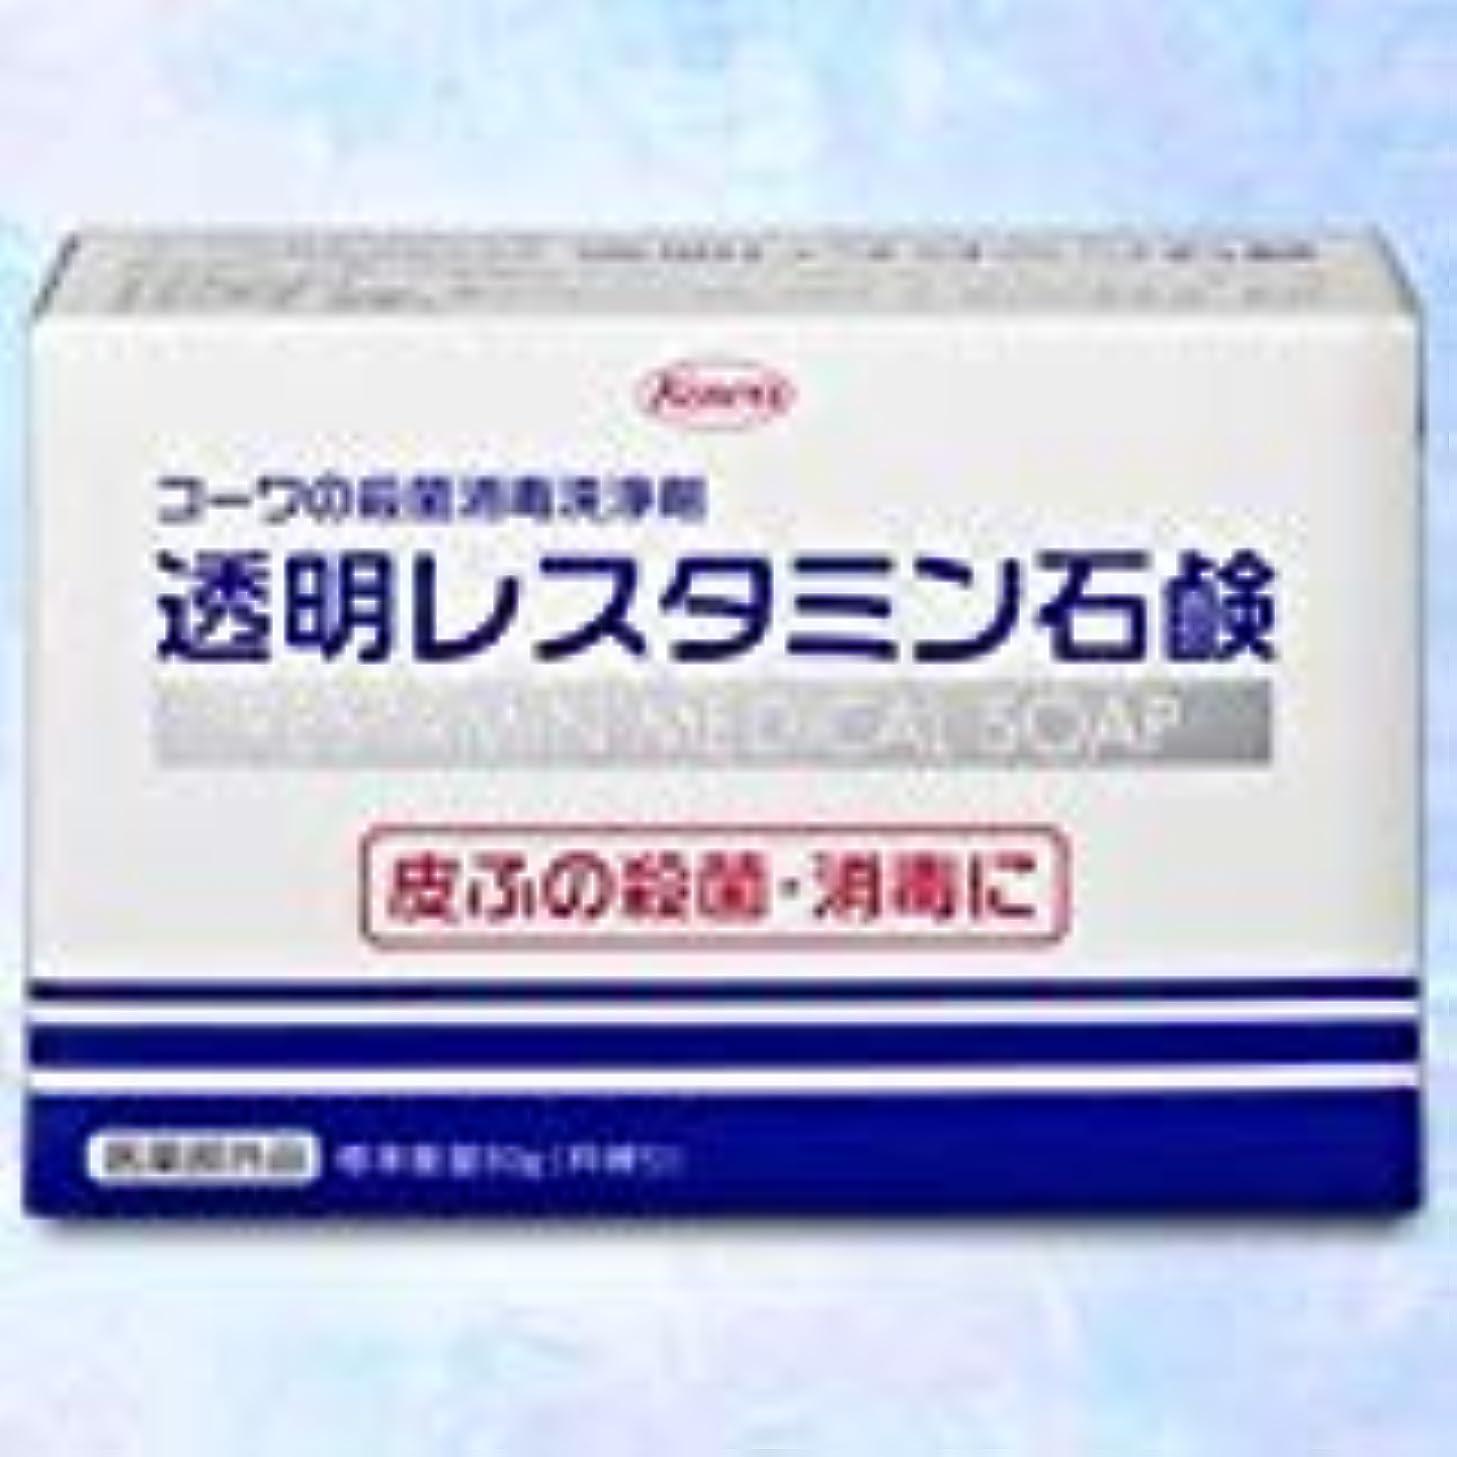 アルコール雄弁家スリップ【興和】コーワの殺菌消毒洗浄剤「透明レスタミン石鹸」80g(医薬部外品) ×5個セット